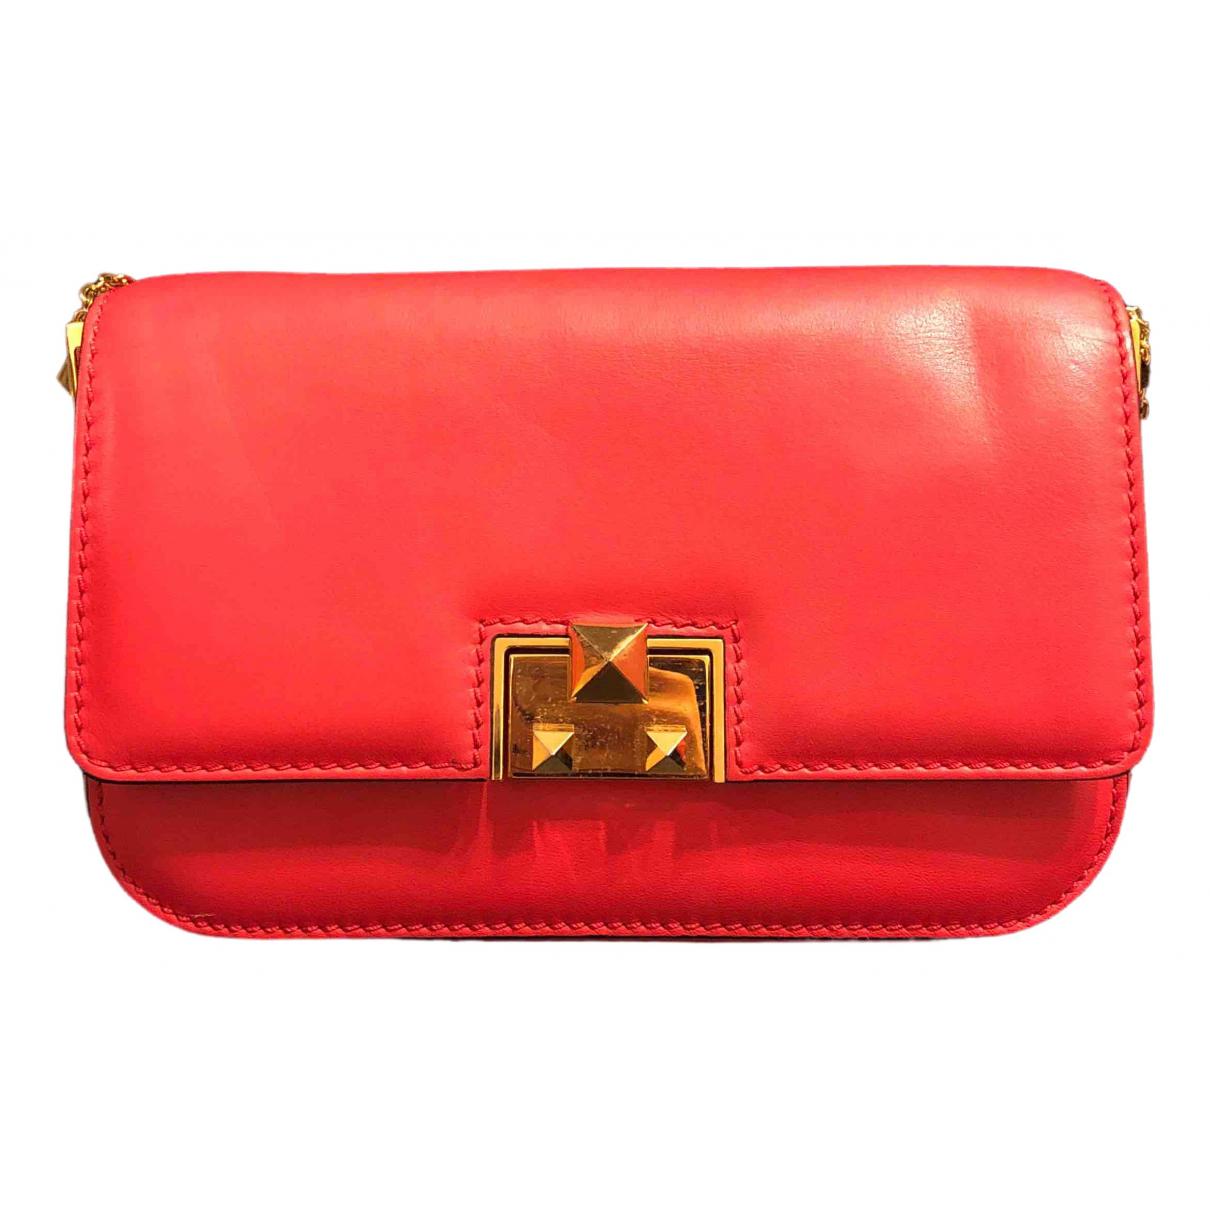 Valentino Garavani \N Handtasche in  Rot Leder